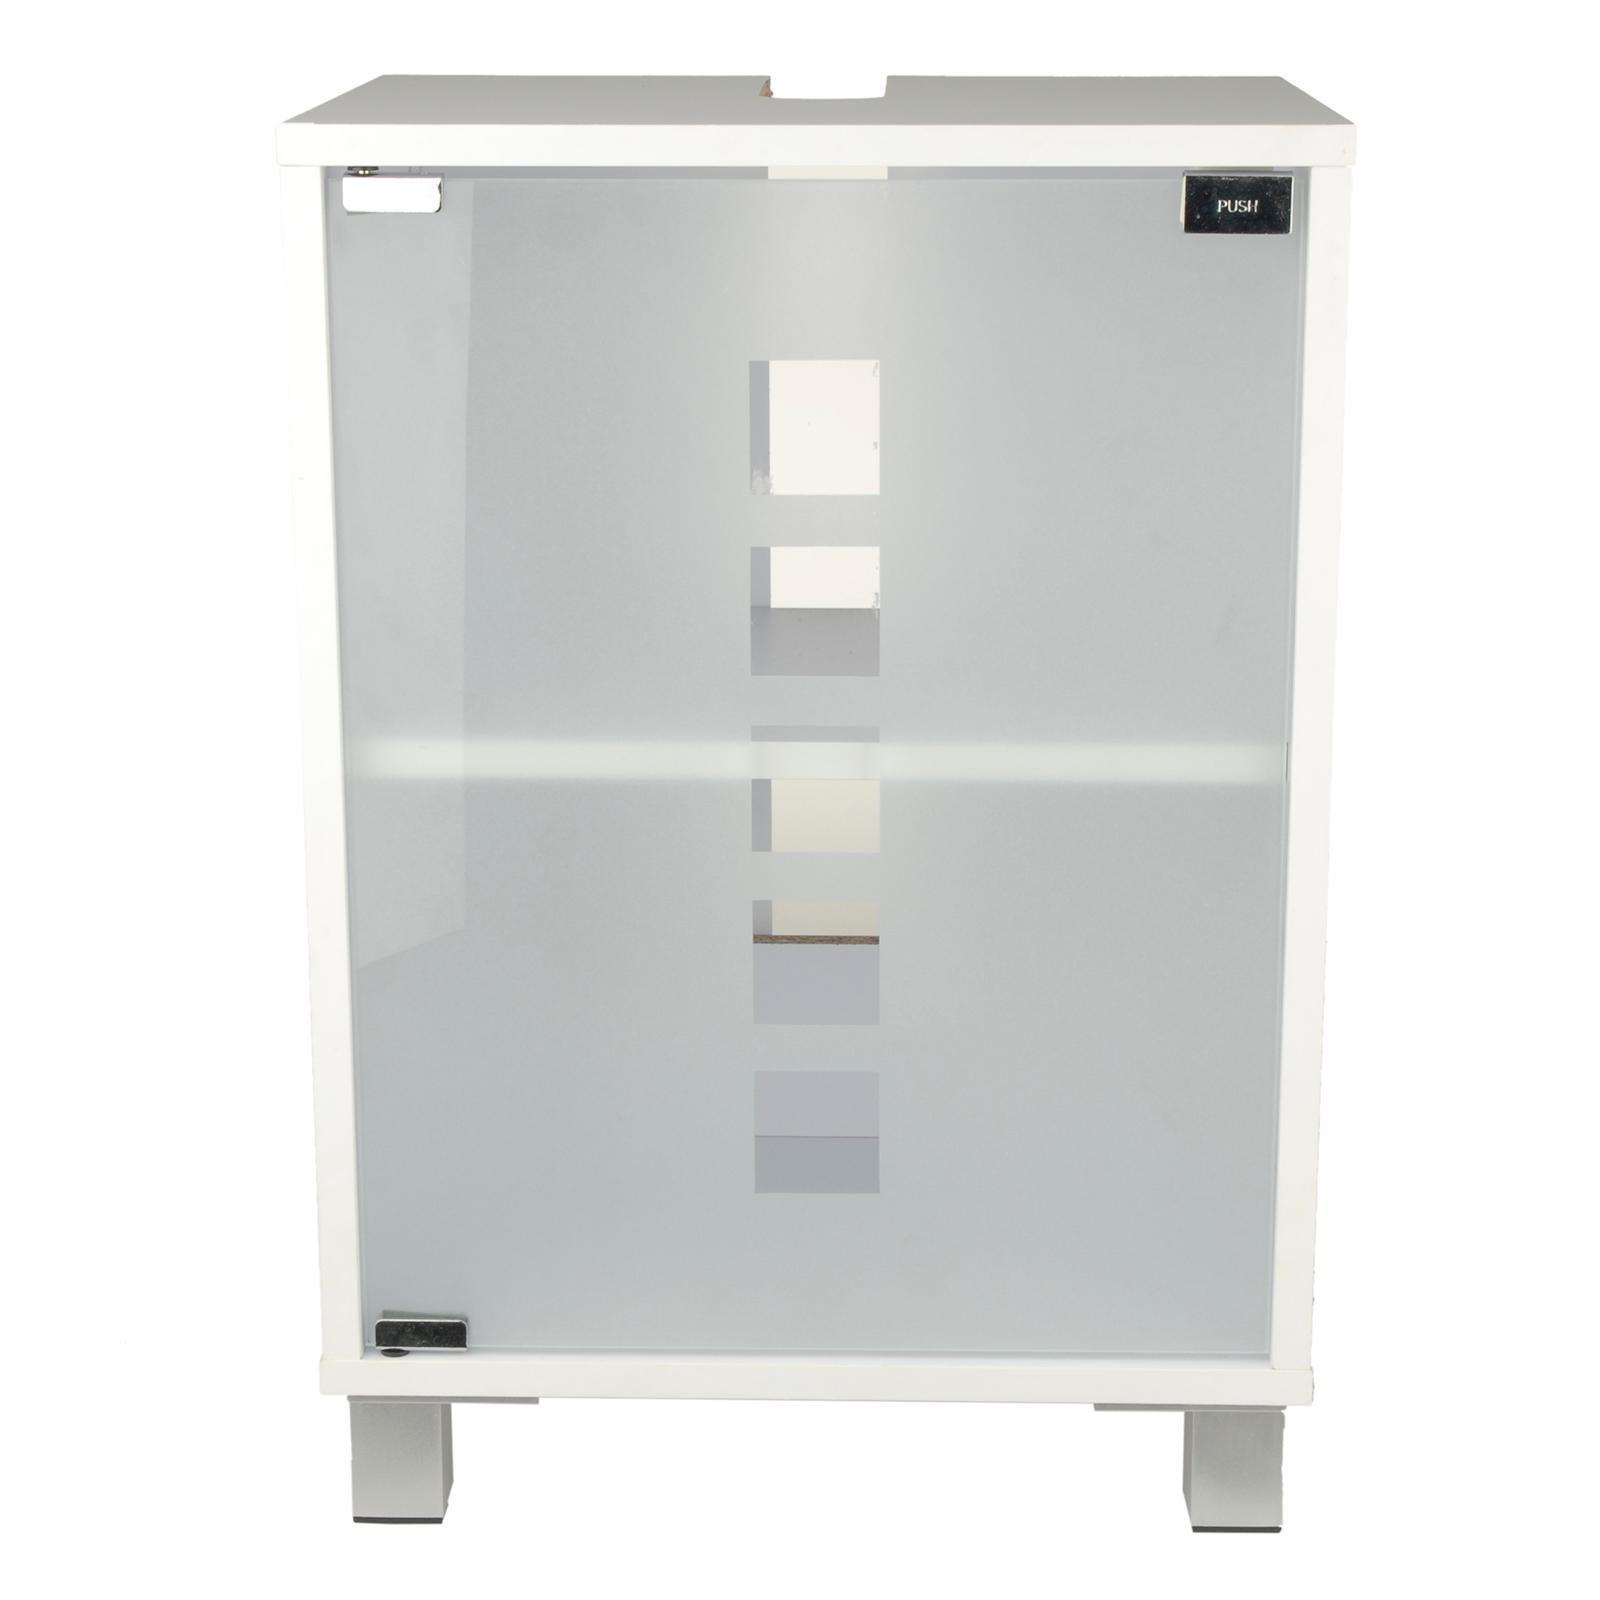 Waschtischunterschrank holz weiß  Waschtischunterschrank Stehend Mit Schubladen: Badschrank mit ...